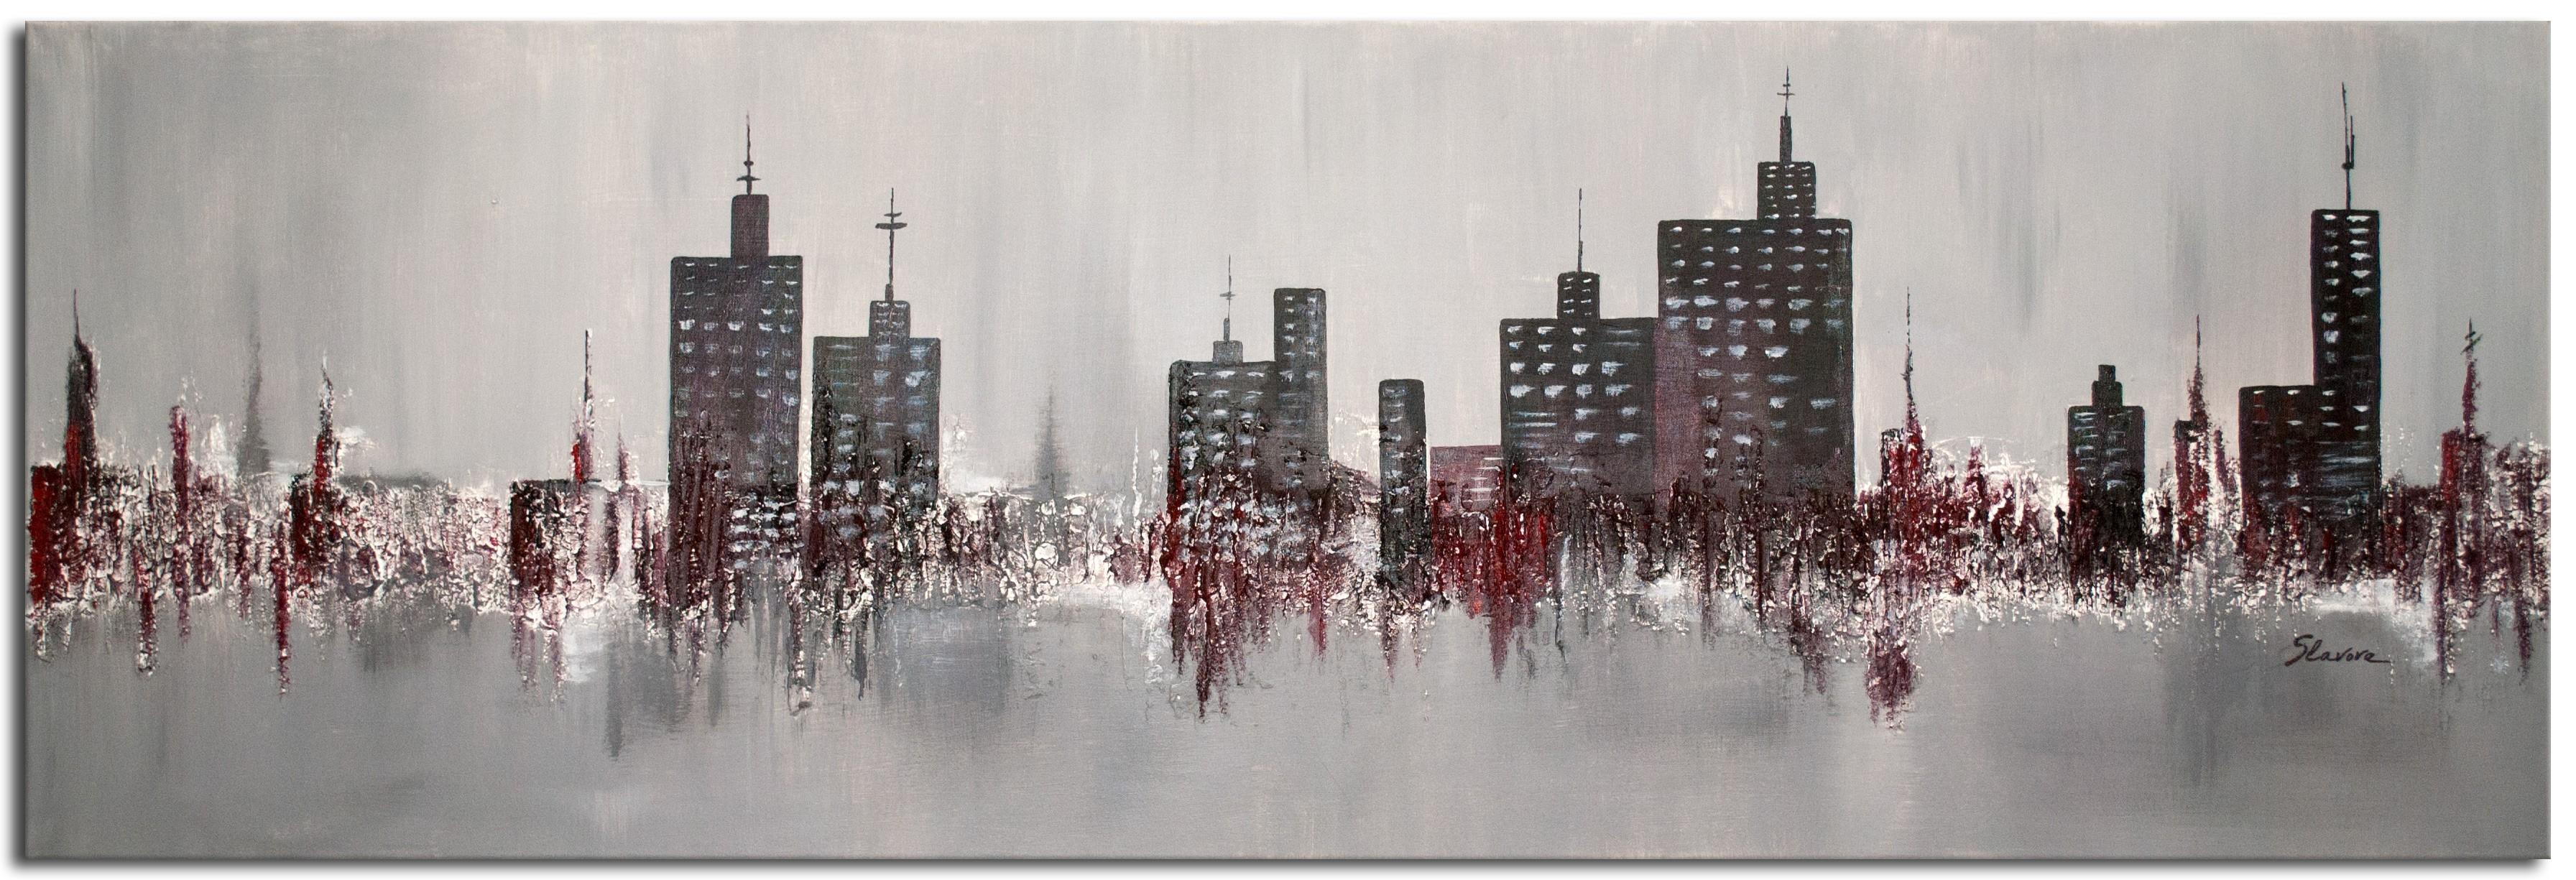 wandbilder wohnzimmer skyline acrylbild - wandbilder slavova art, Wohnzimmer